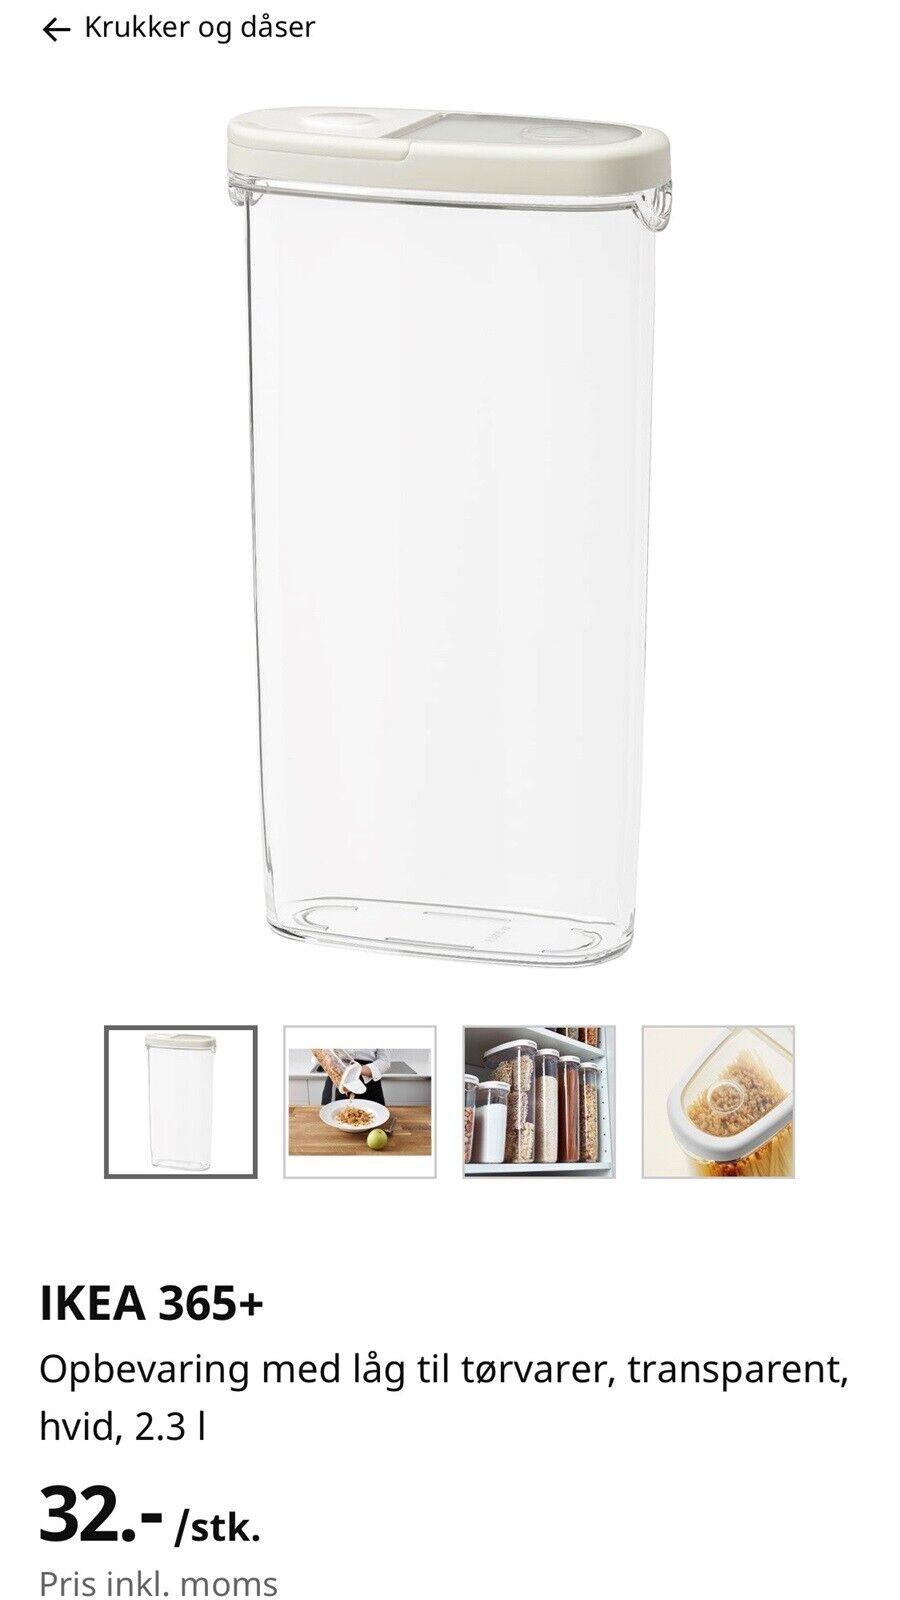 Picture of: Ikea 365 Opbevaring Krukke Ikea Ndash Dba Dk Ndash Kob Og Salg Af Nyt Og Brugt